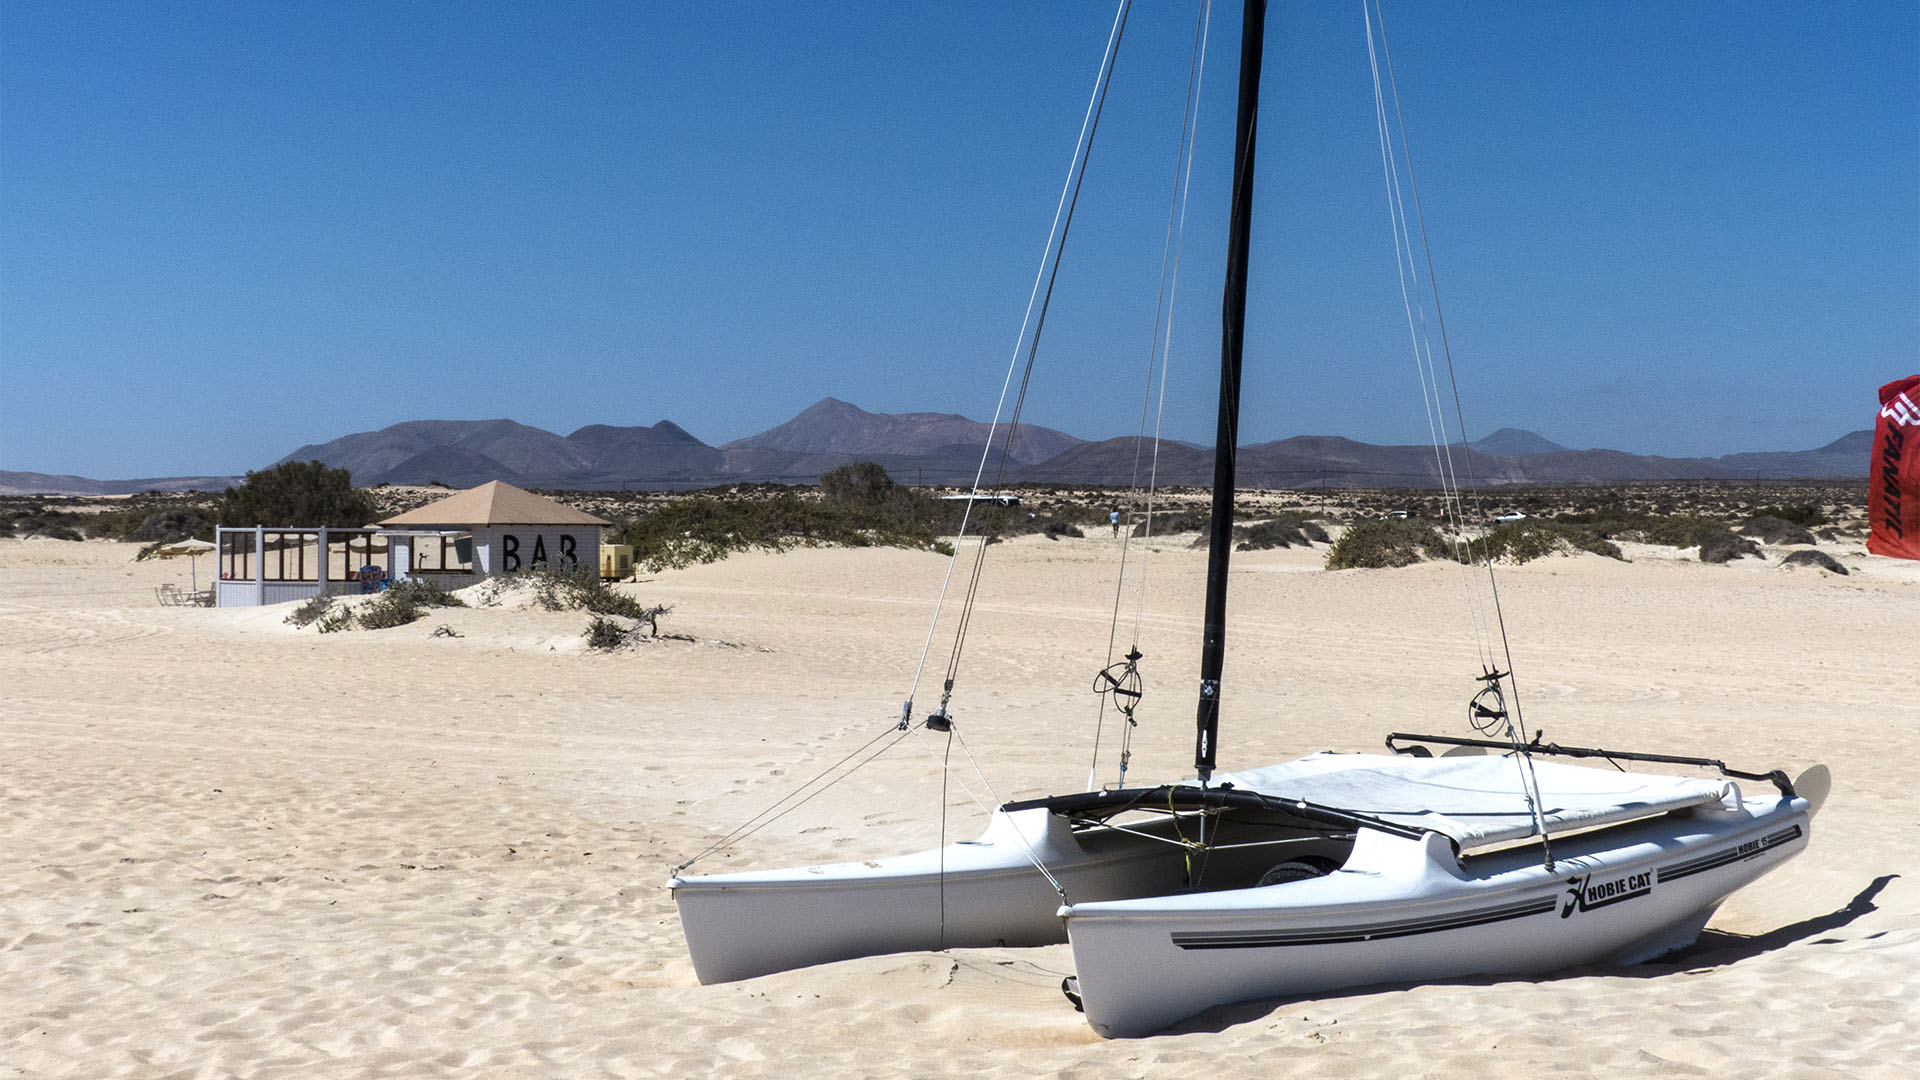 Die Strände Fuerteventuras: Playa del Pozo – Playa del Medano